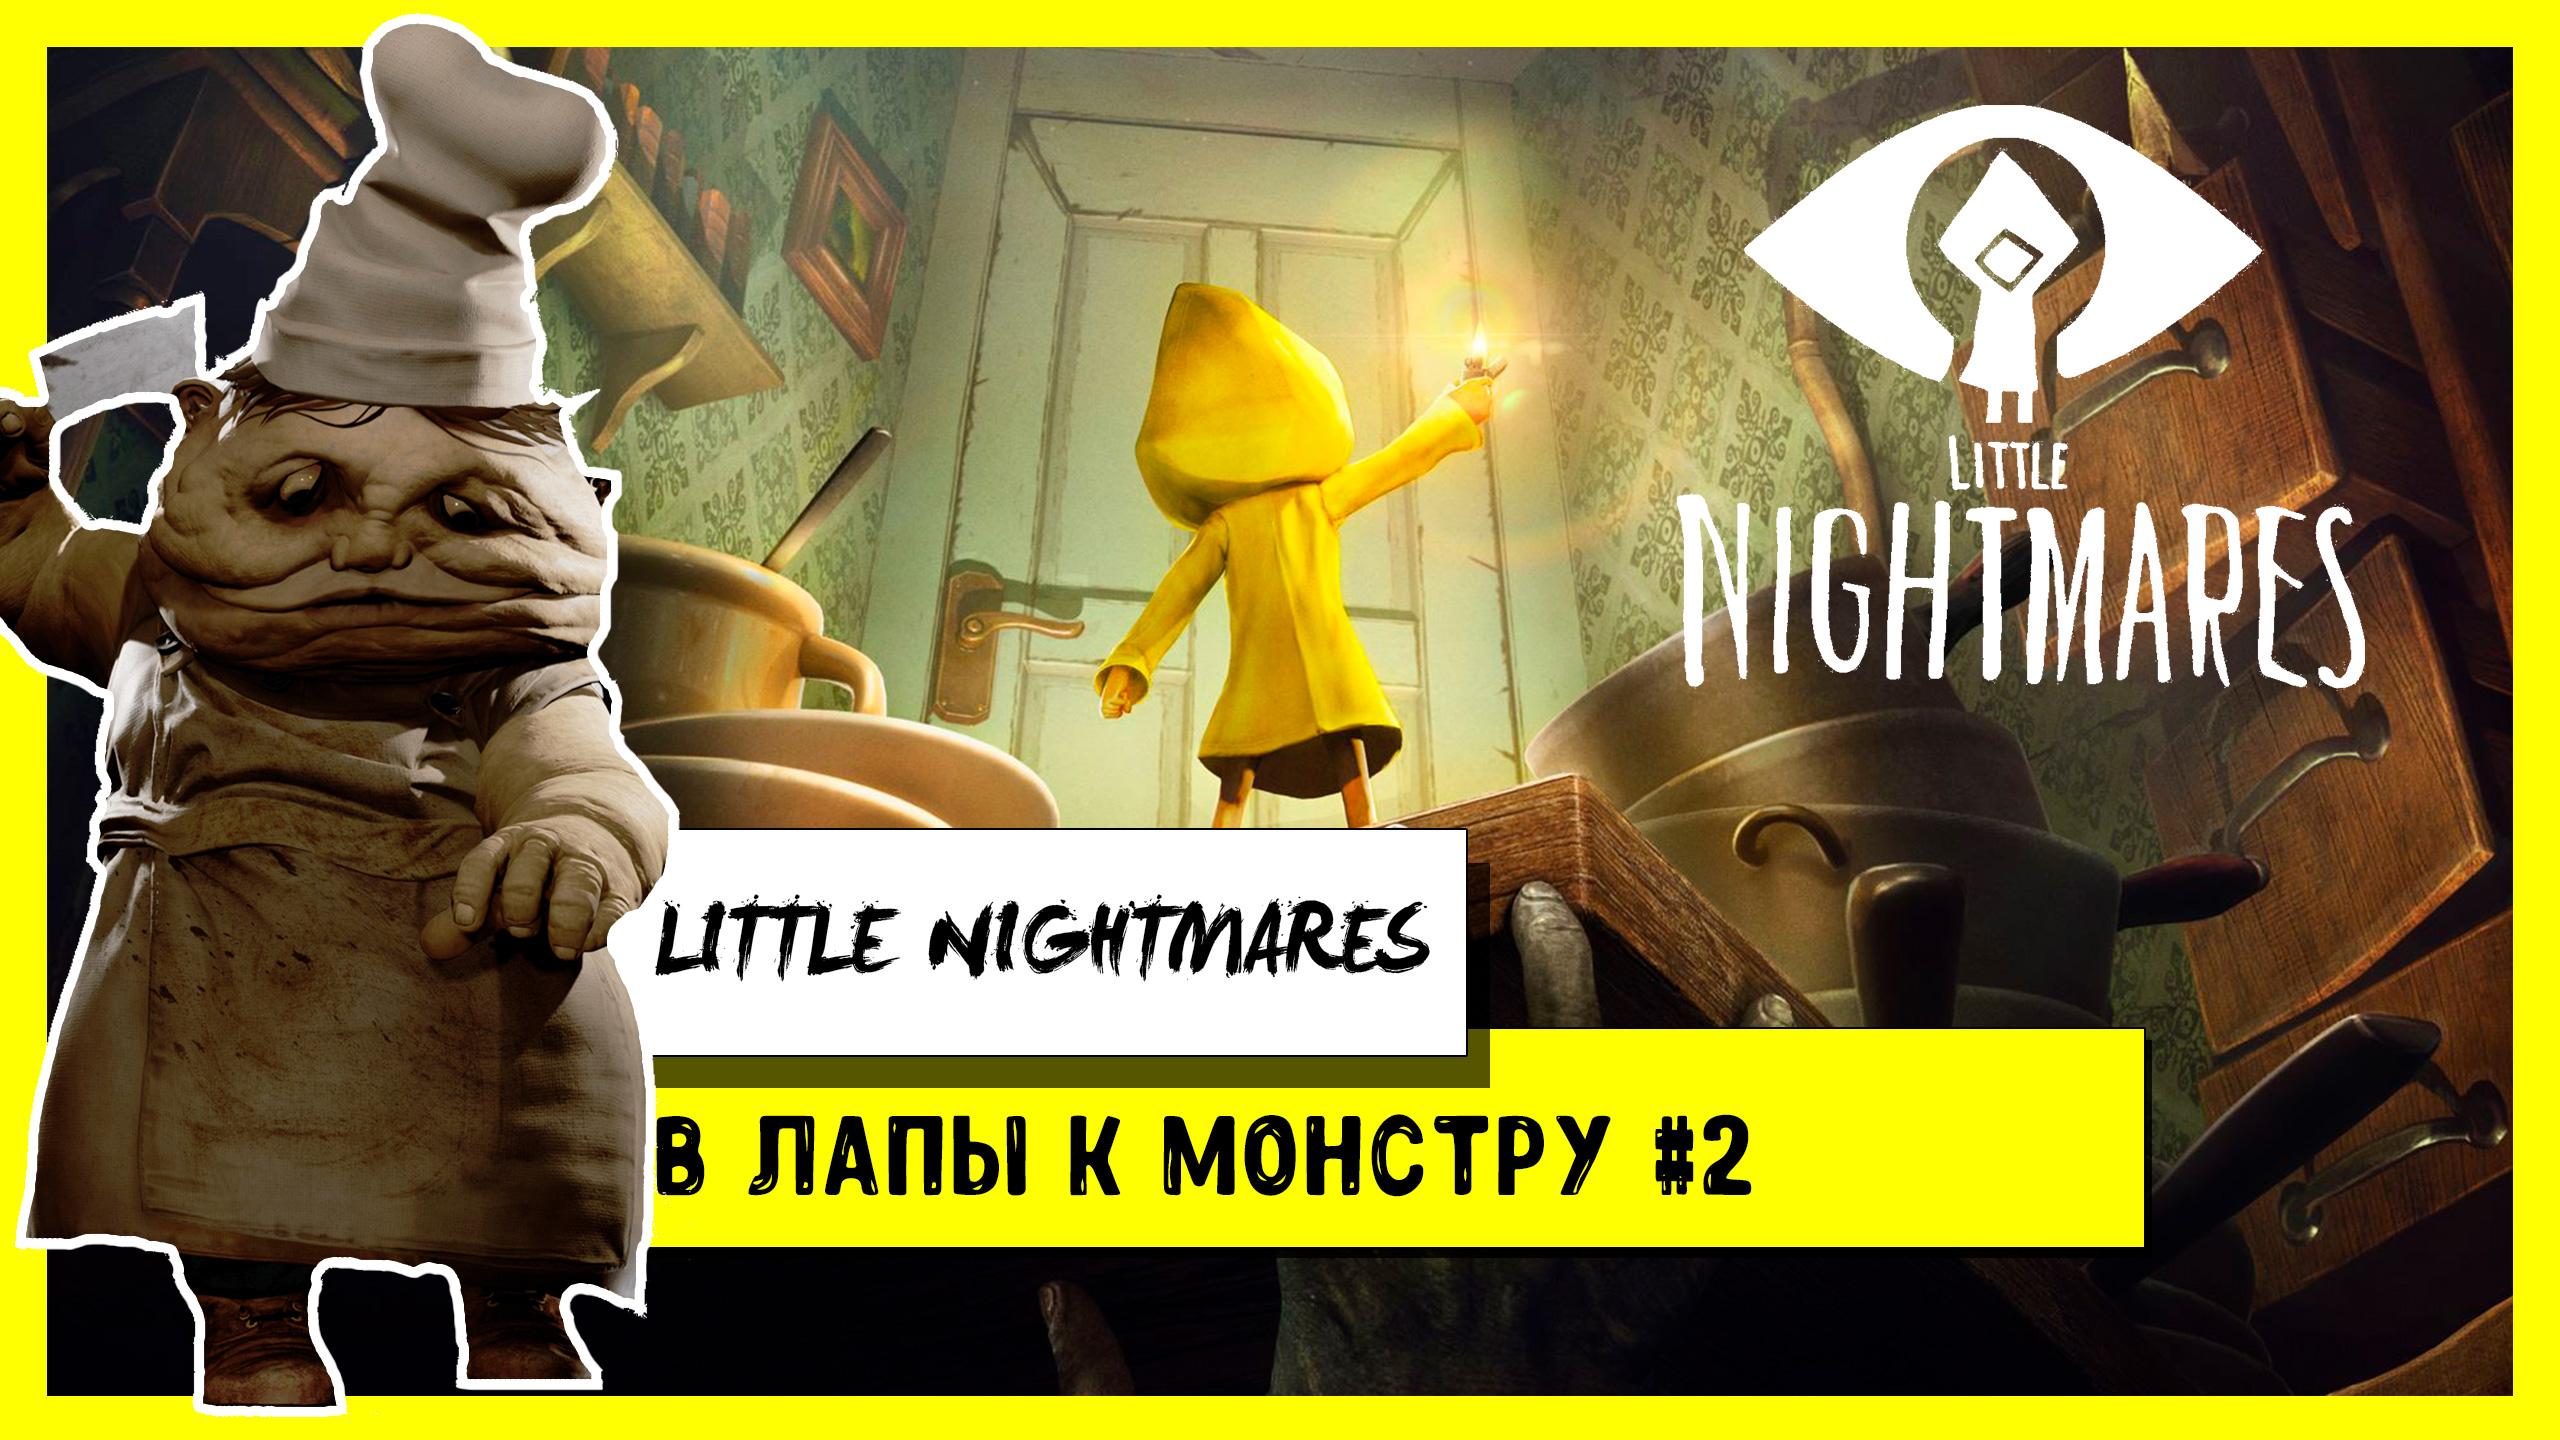 Прохождение LITTLE NIGHTMARES — как не попасть в лапы монстру